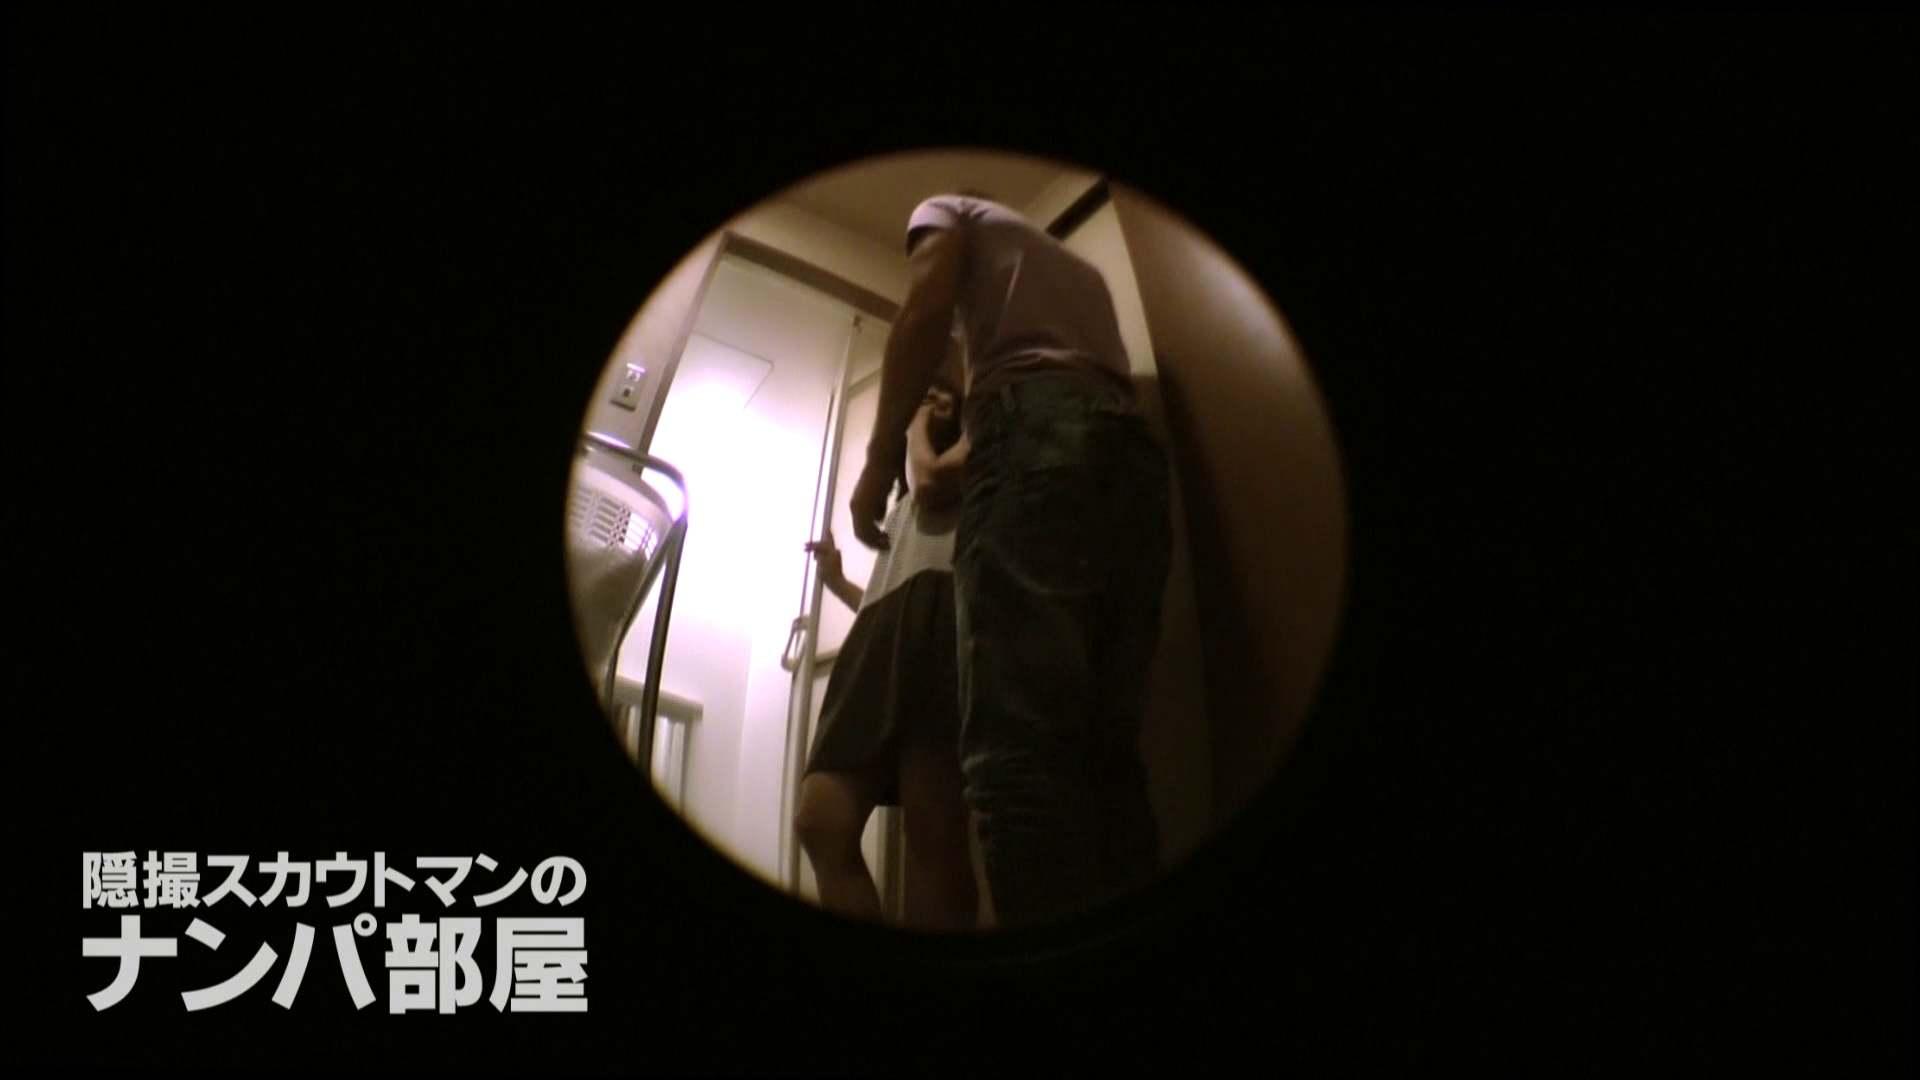 隠撮スカウトマンのナンパ部屋~風俗デビュー前のつまみ食い~ siivol.3 SEX SEX無修正画像 55連発 45